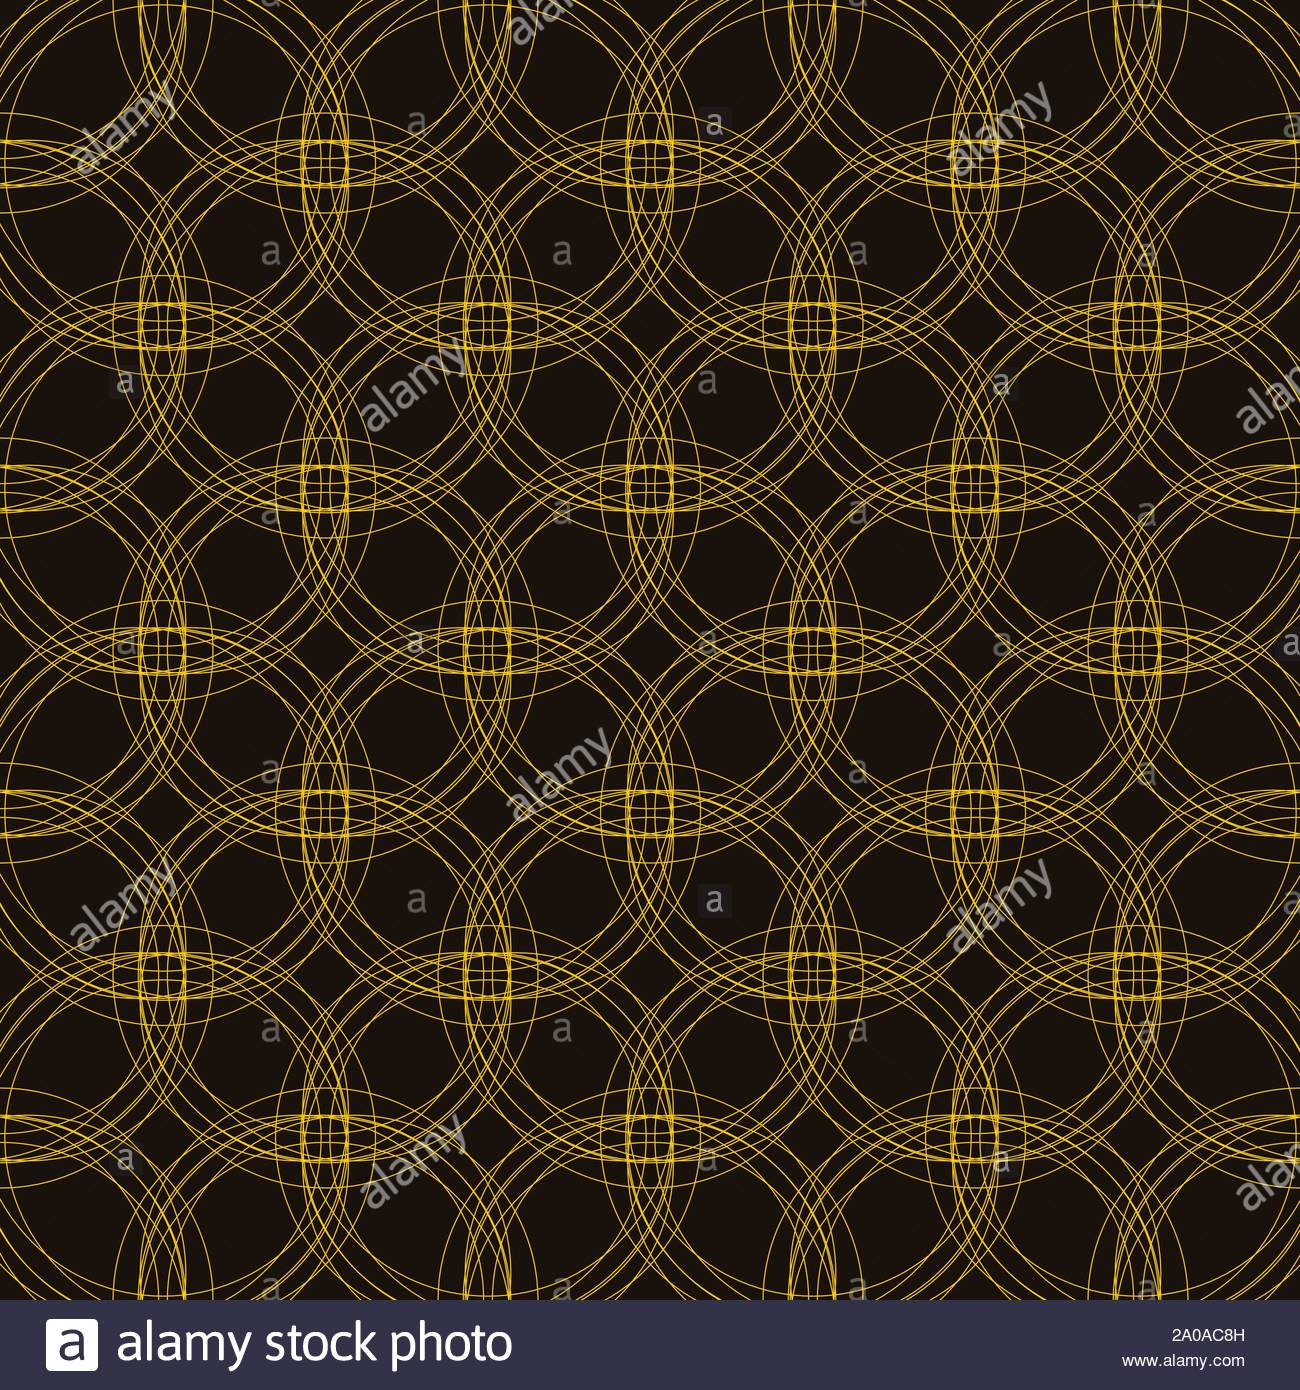 Modèle sans couture décorative pour décorer les intérieurs, les cosmétiques et les textiles. Illustration de Vecteur